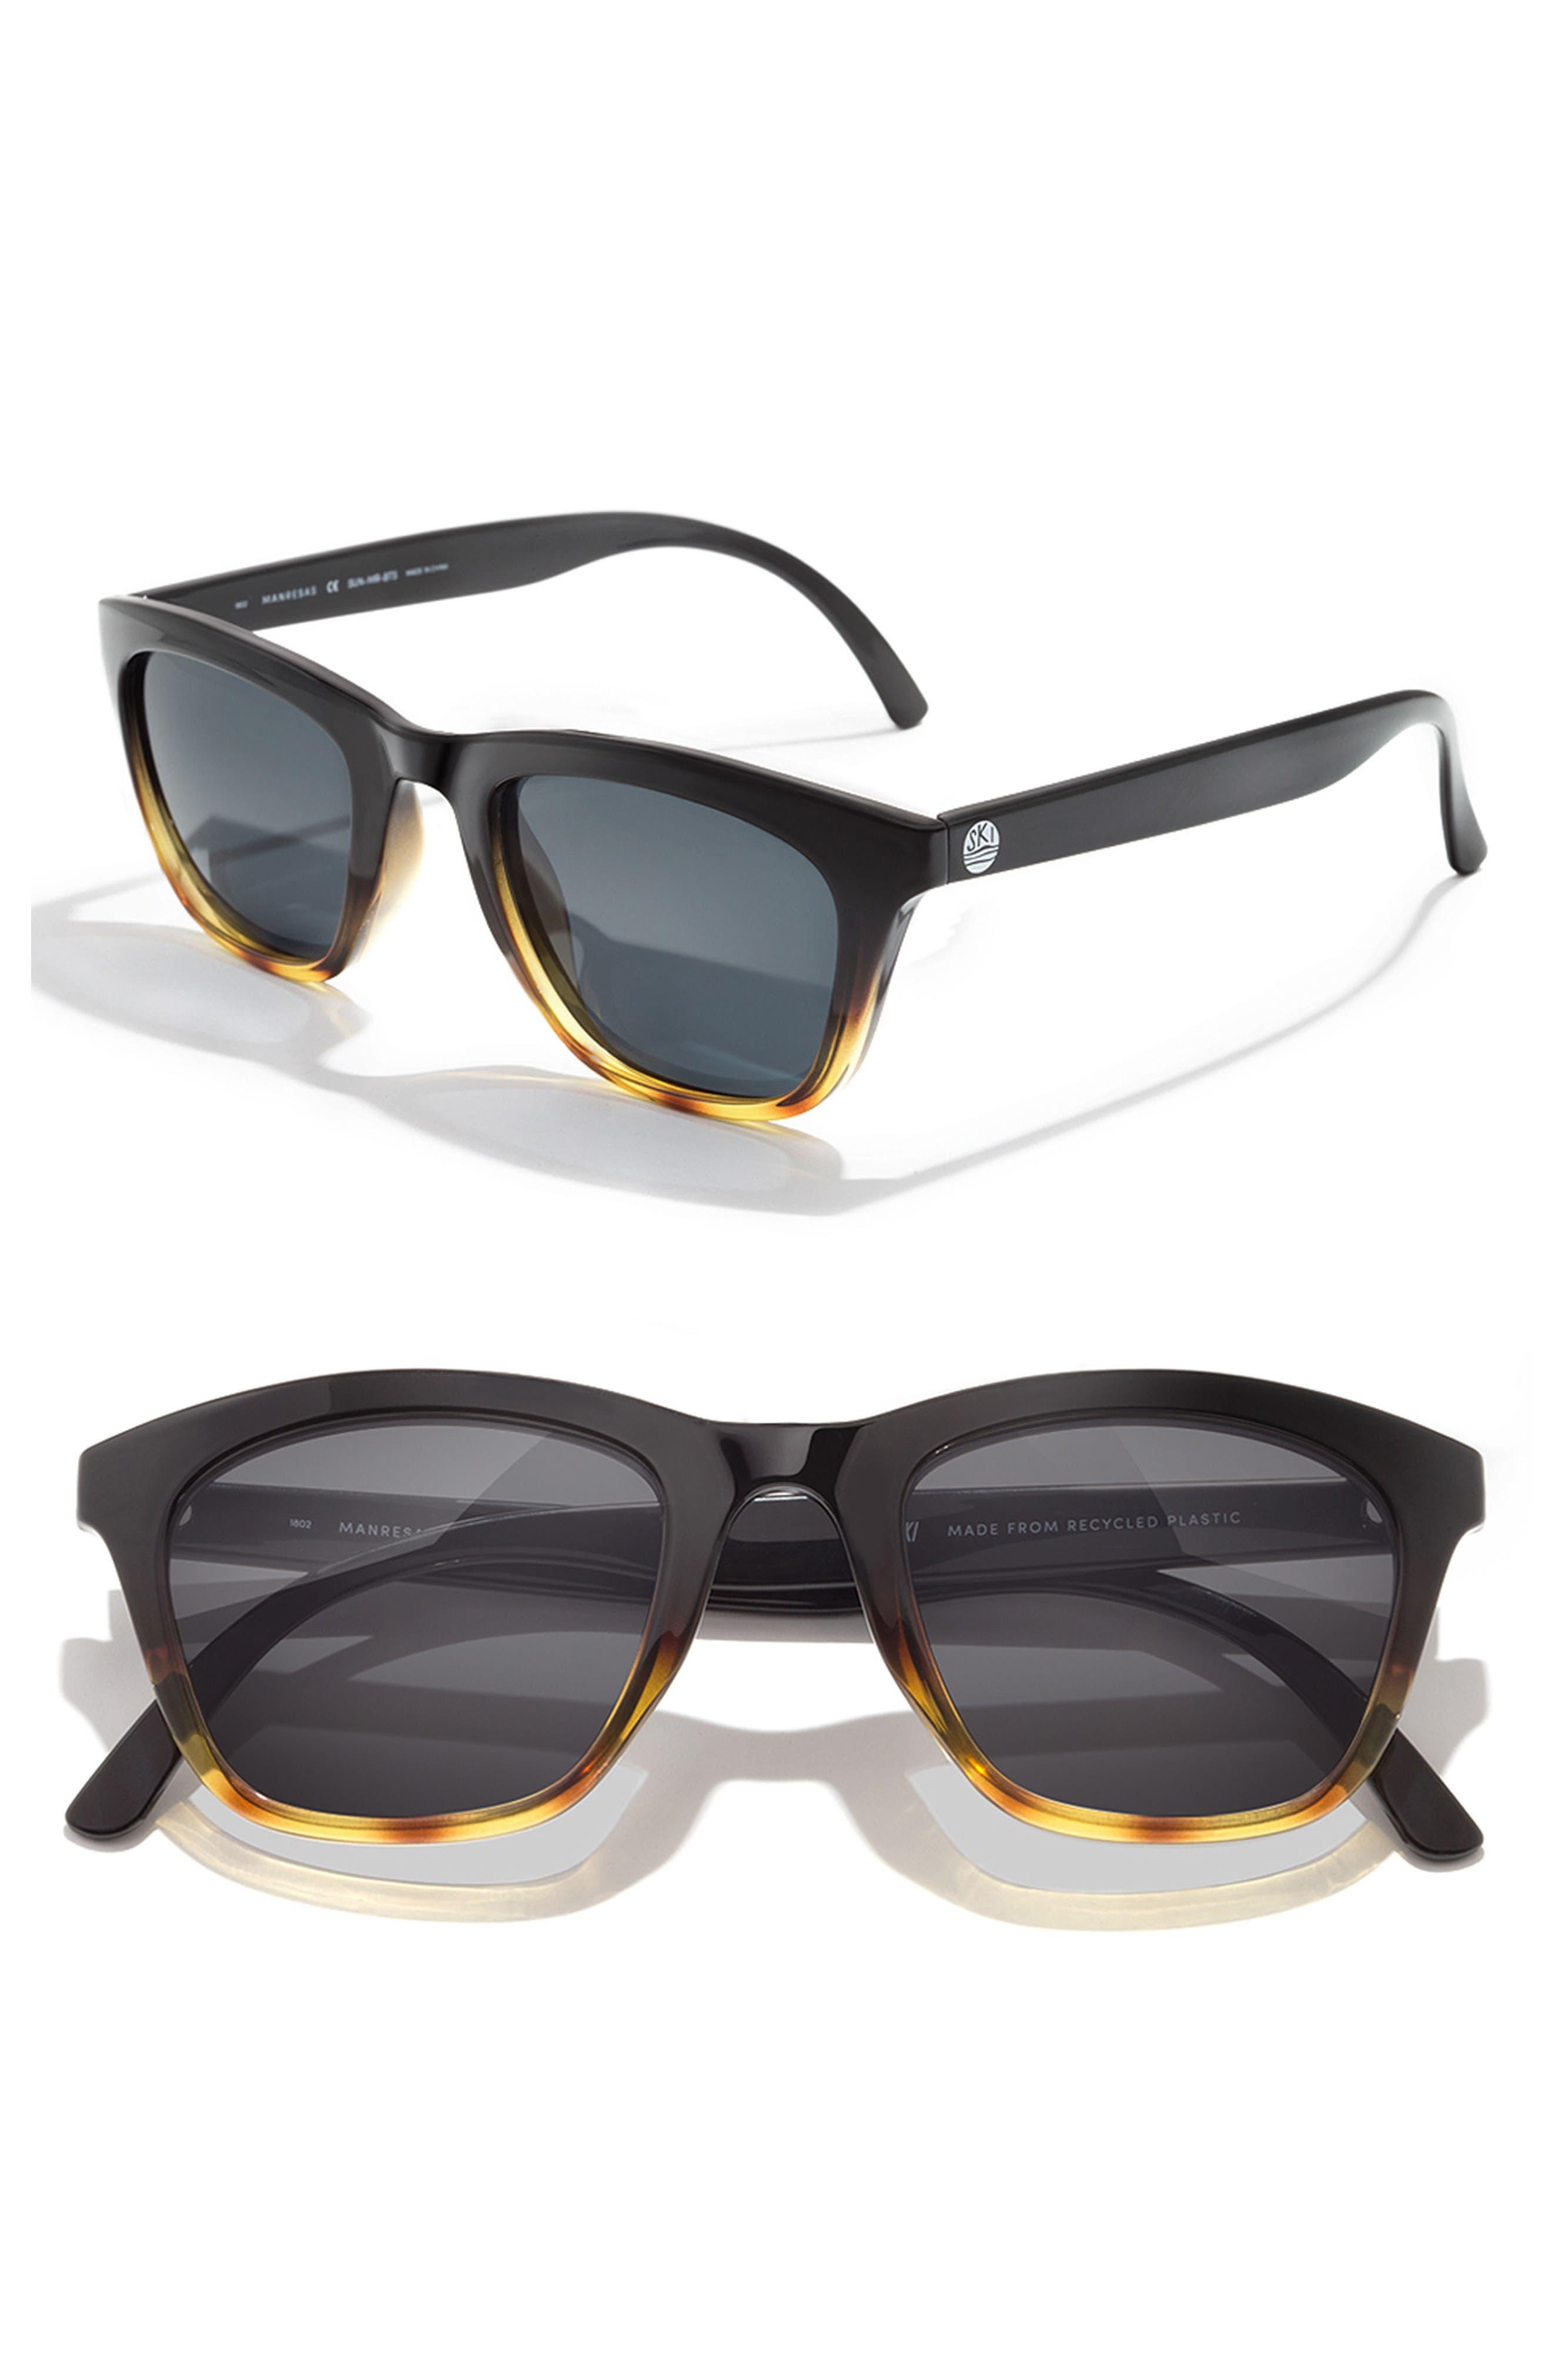 Manresa 49mm Polarized Sunglasses,                             Main thumbnail 1, color,                             BLACK TORTOISE SLATE